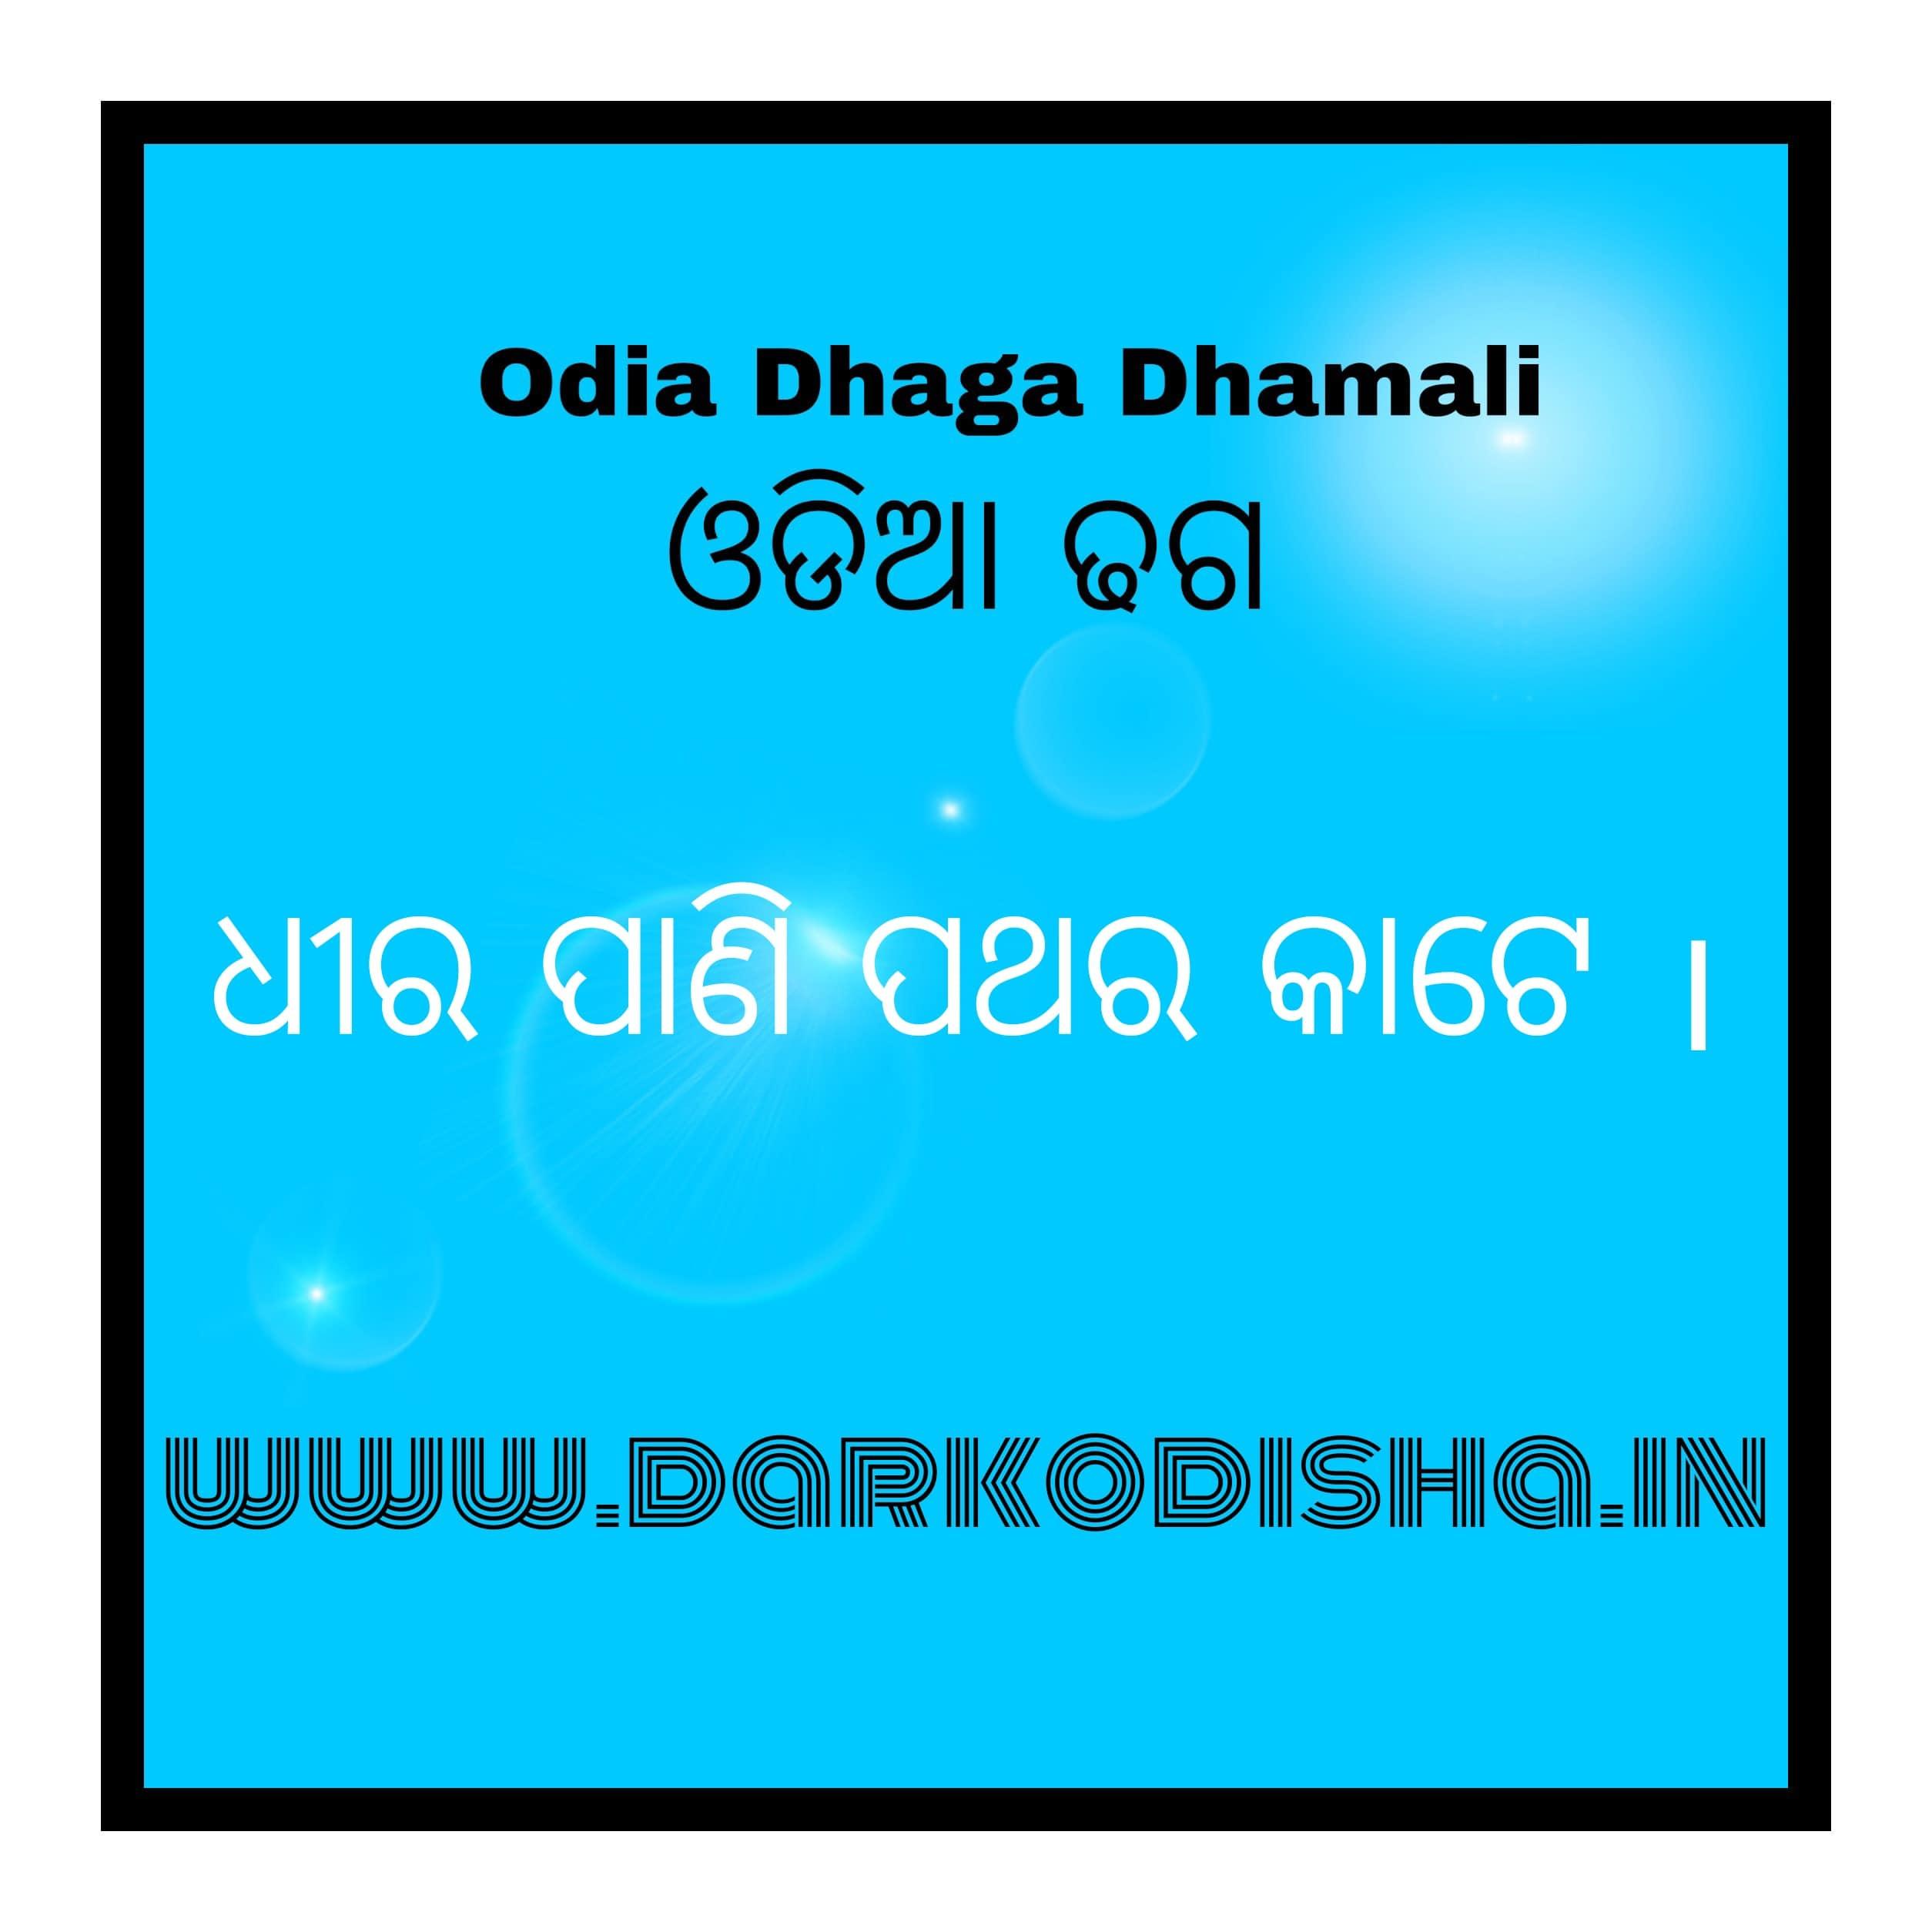 Odia dhaga dhamali image